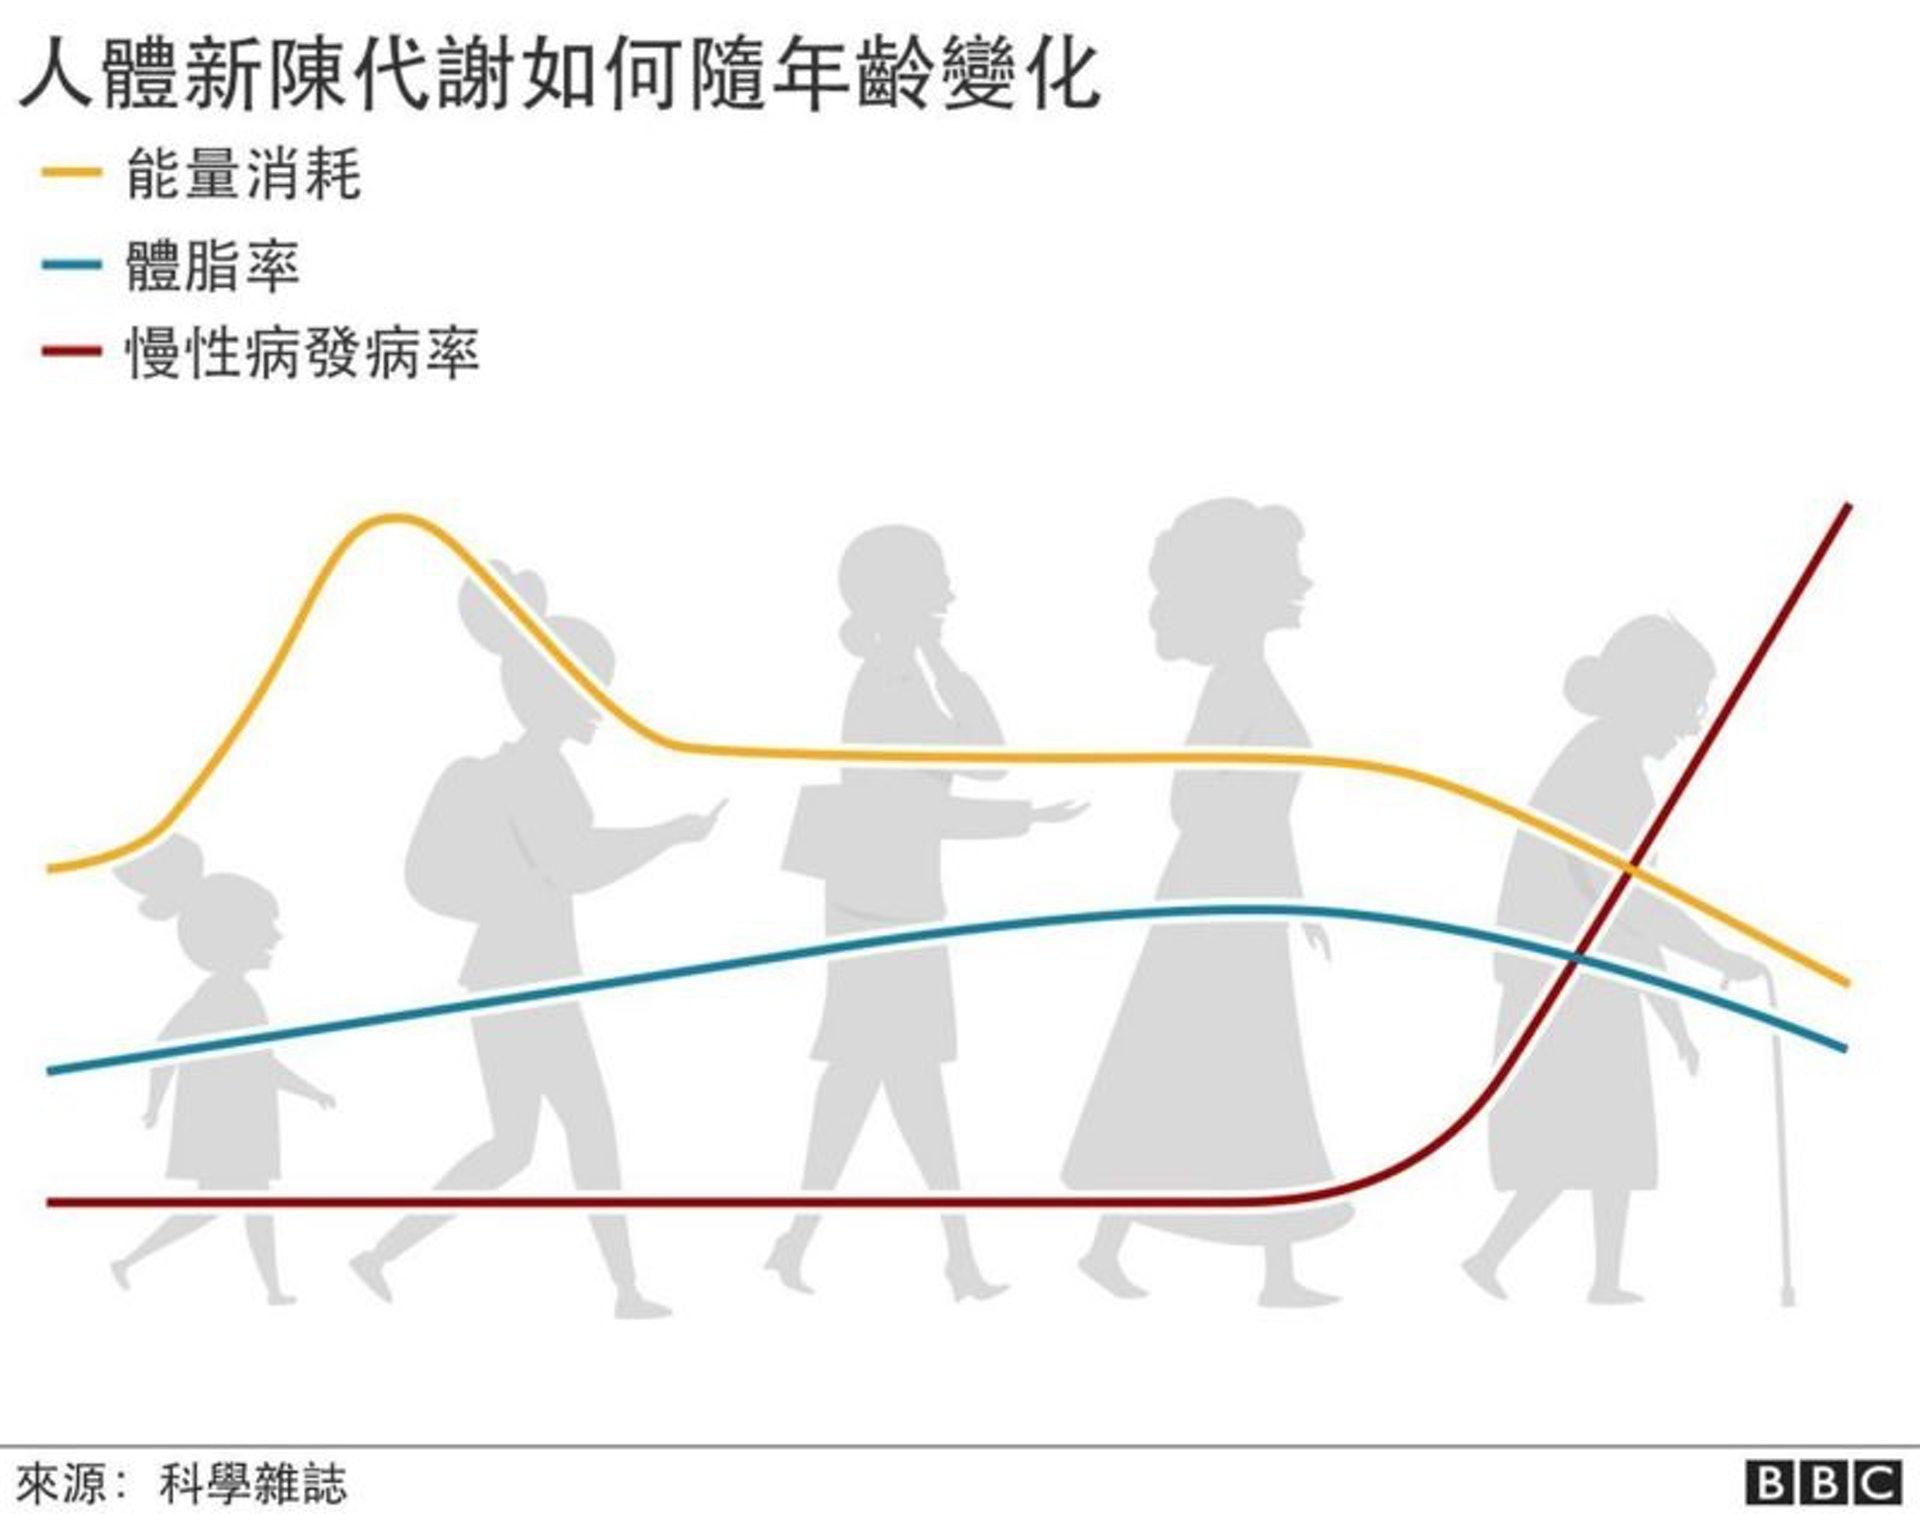 人類新陳代謝的變化依照生命四個不同階段而改變。(圖片:BBC)